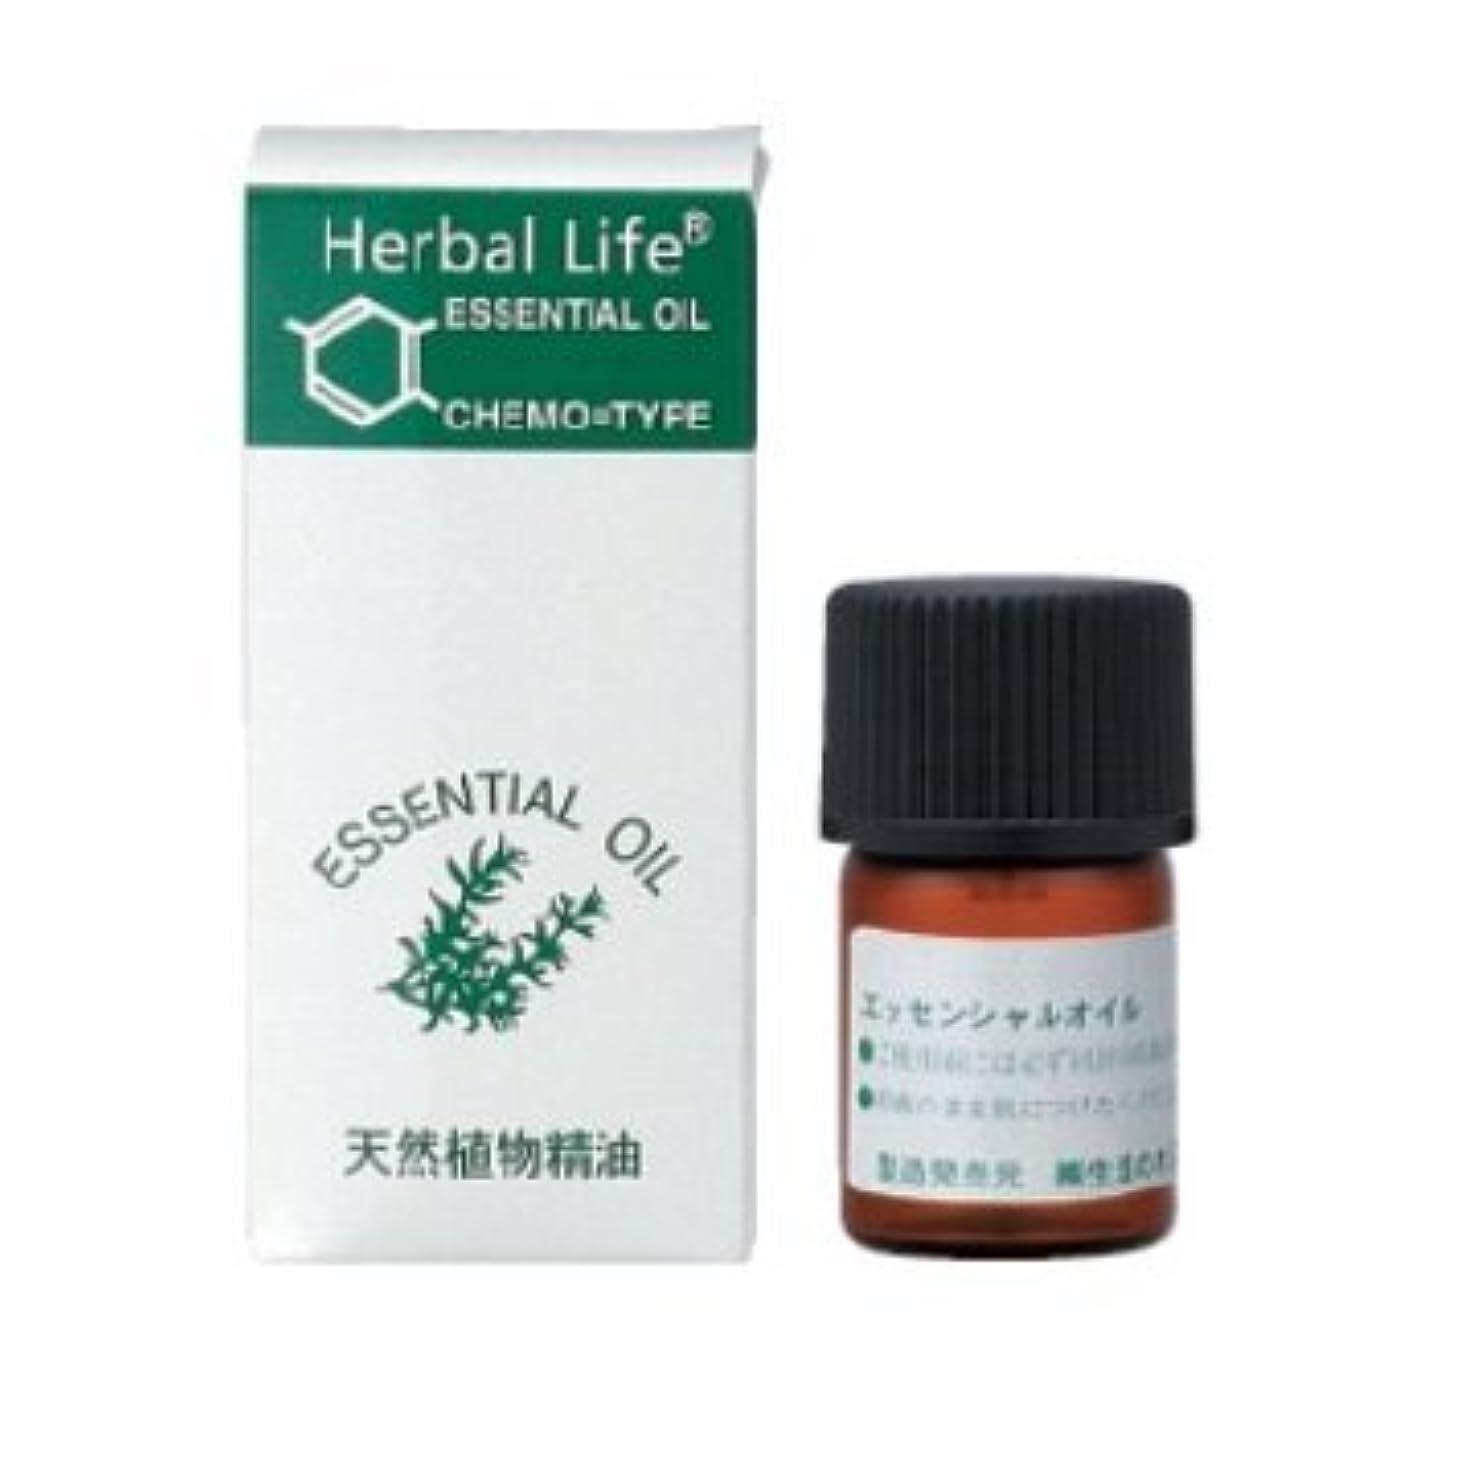 曲げる主婦適応する生活の木 エッセンシャルオイル プチグレイン?レモン(3ml)